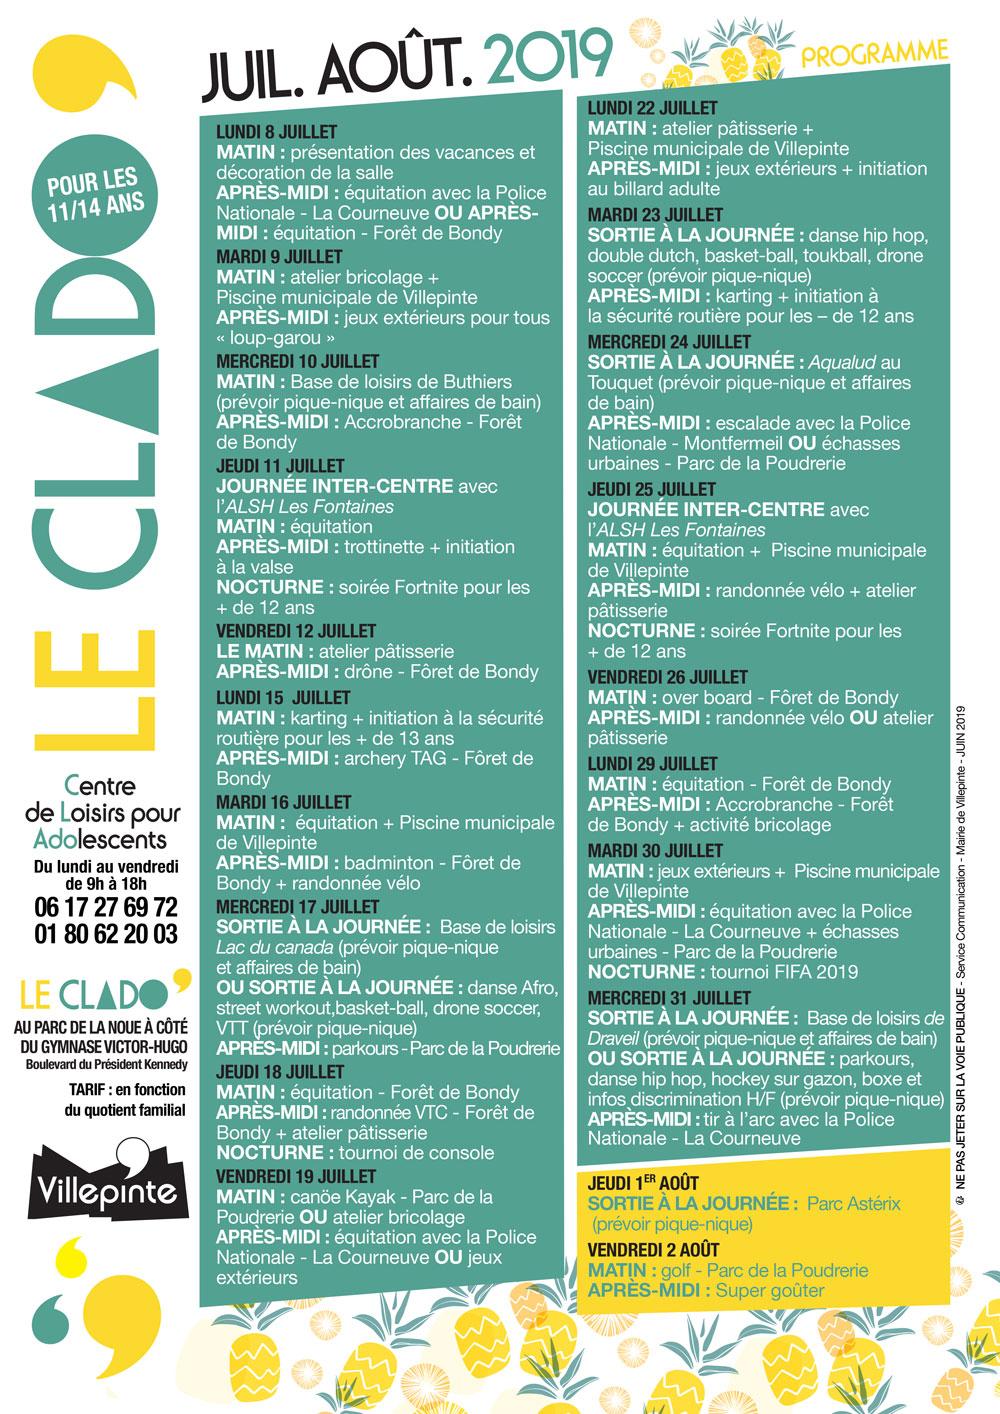 programme du Clado de Villepinte durant les vacances d'été 2019